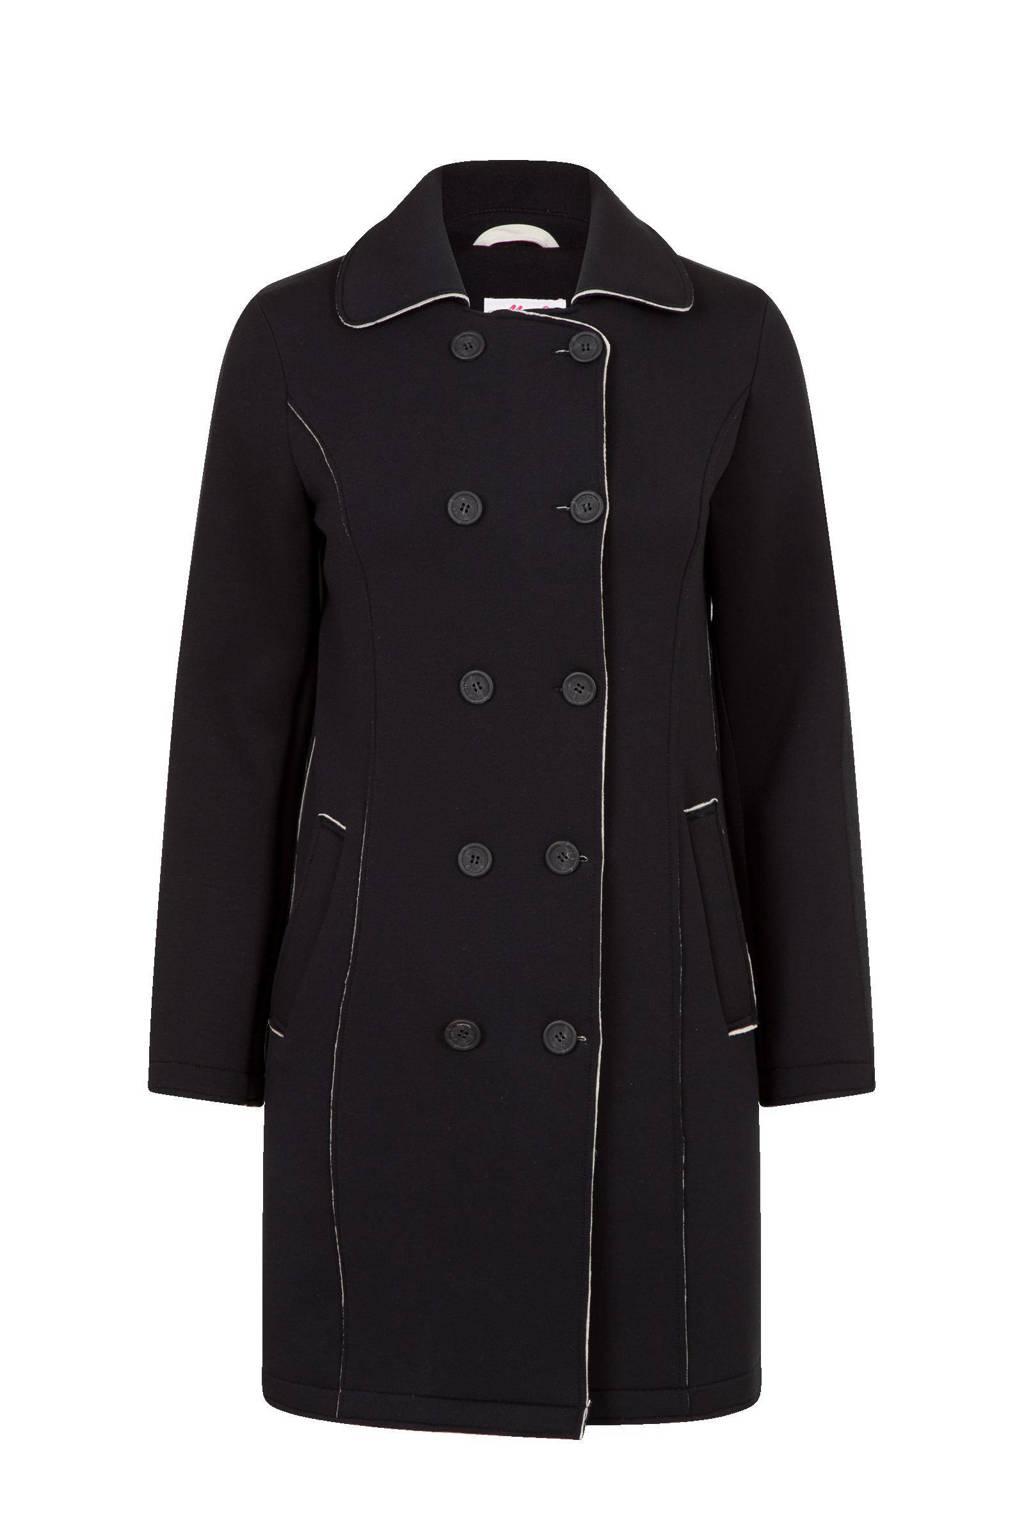 Miss Etam Regulier coat zwart, Zwart